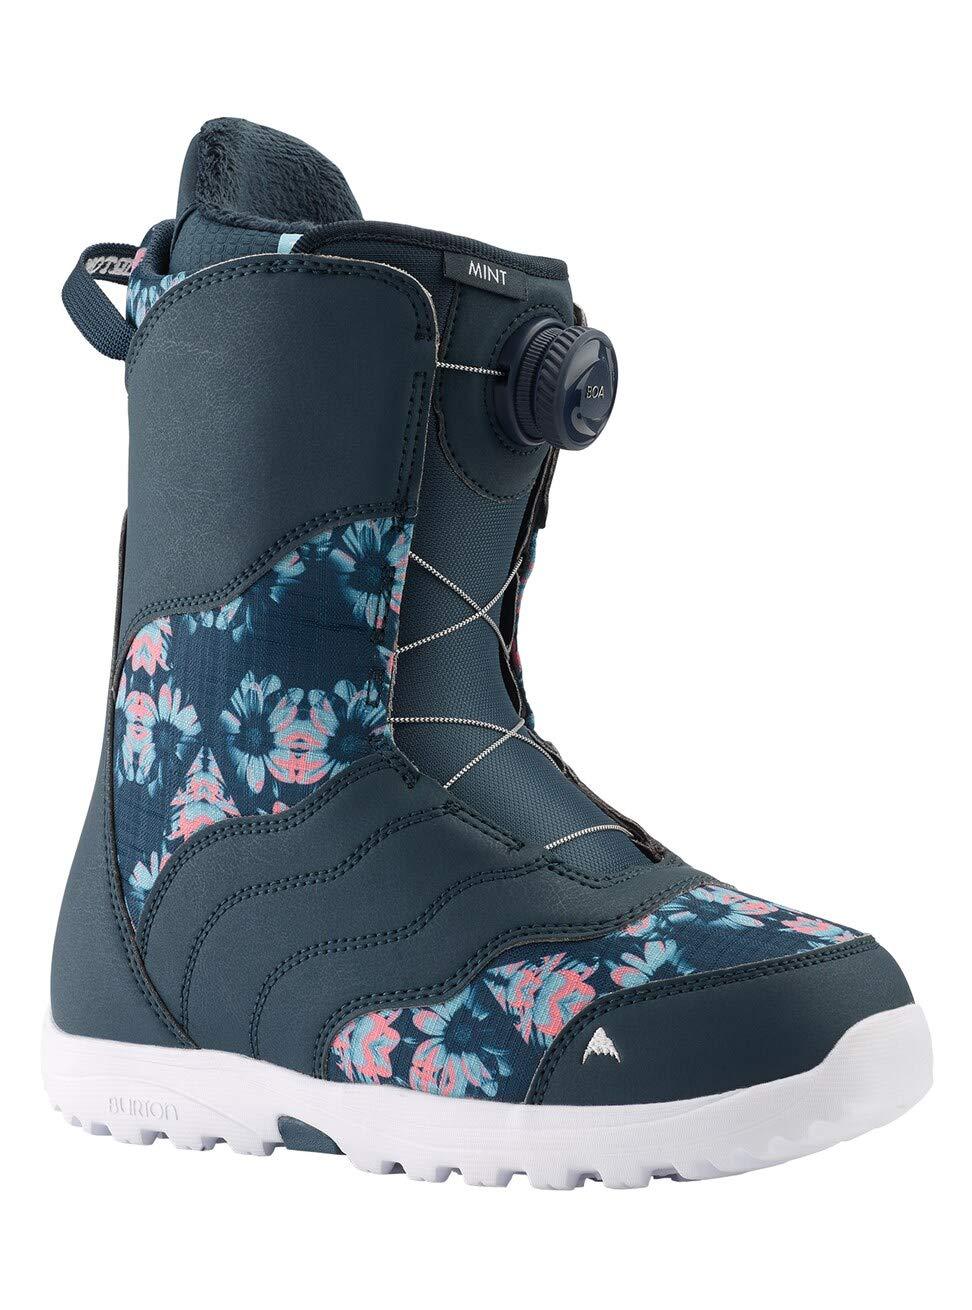 Burton Mint Boa Botas de Snowboard para Mujer Azul Medio//Multicolor 6.5